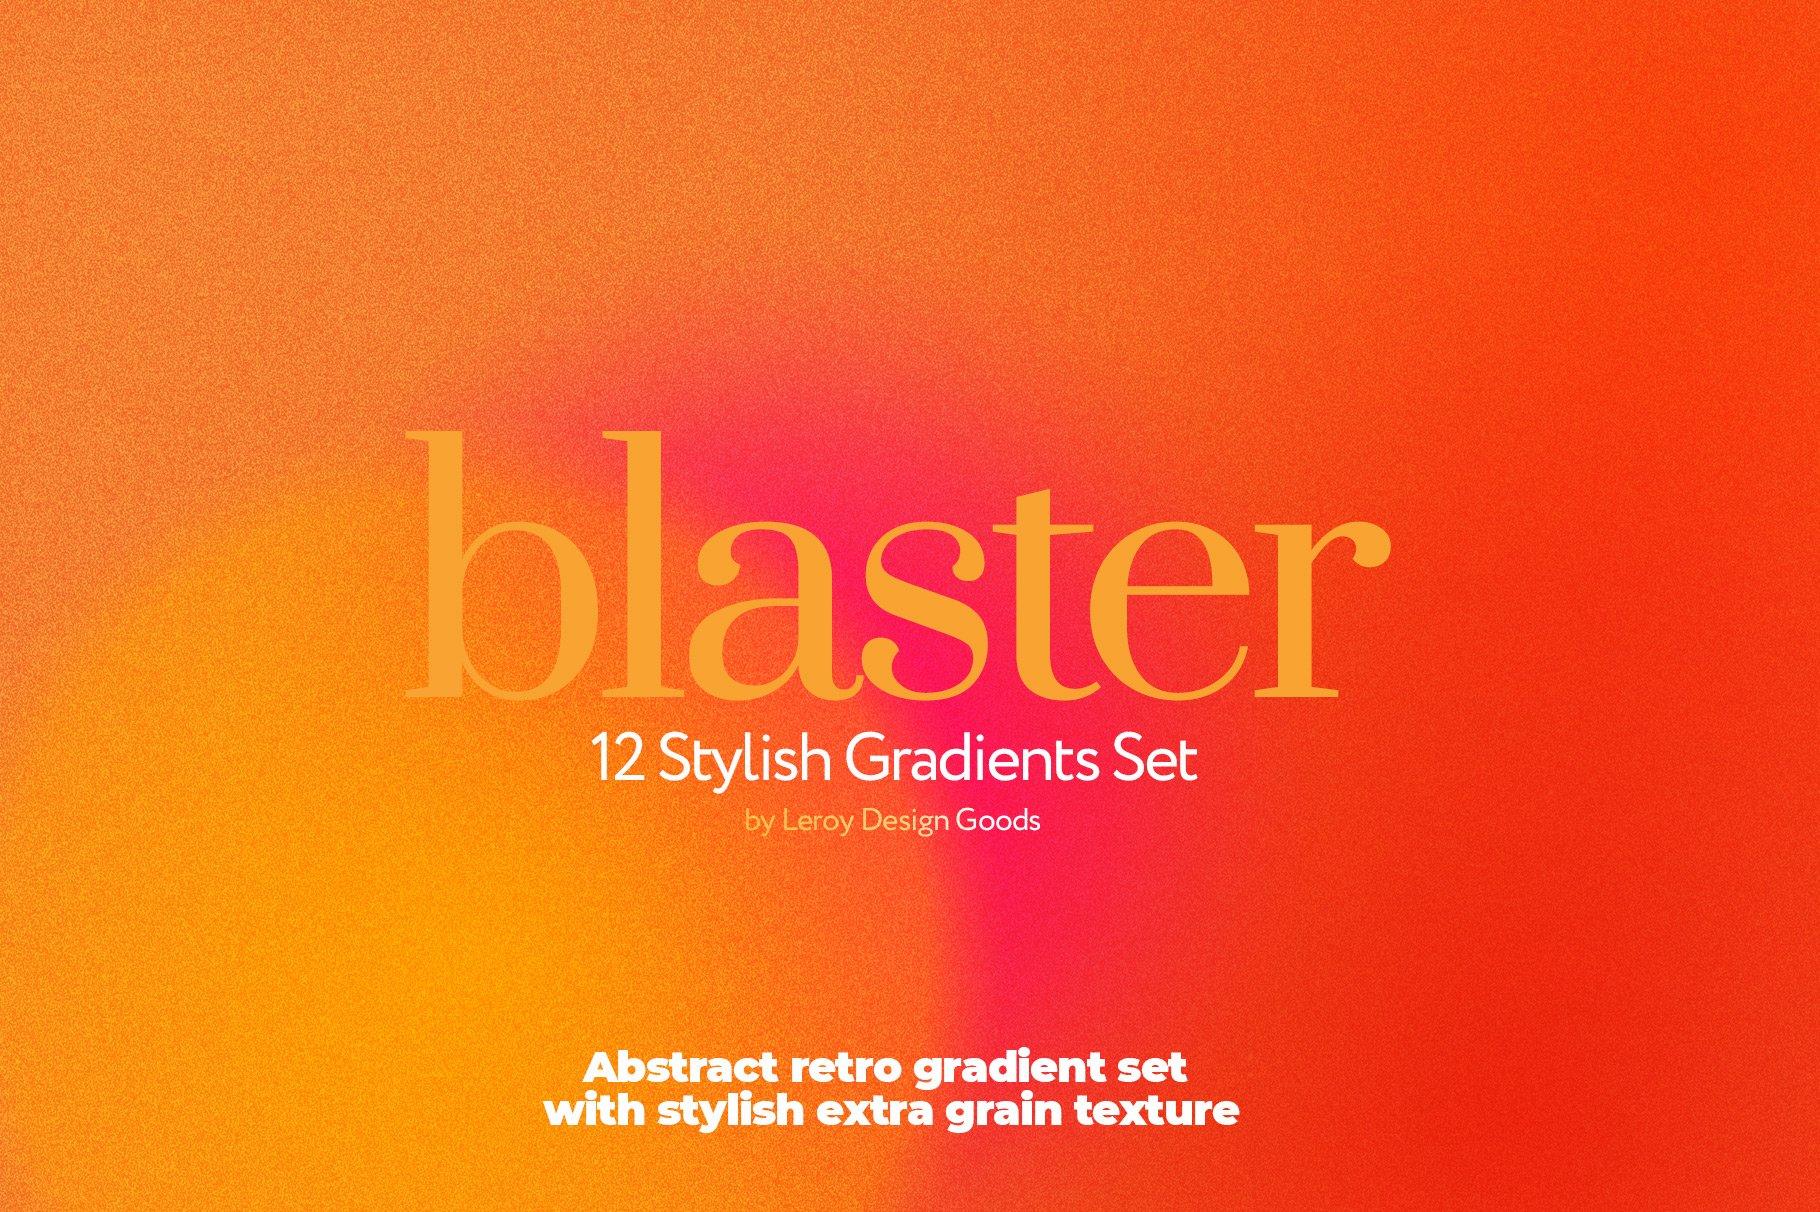 [淘宝购买] 12款炫彩复古模糊渐变海报背景底纹PS分层素材源文件 BLASTER Retro Gradient Textures插图(3)